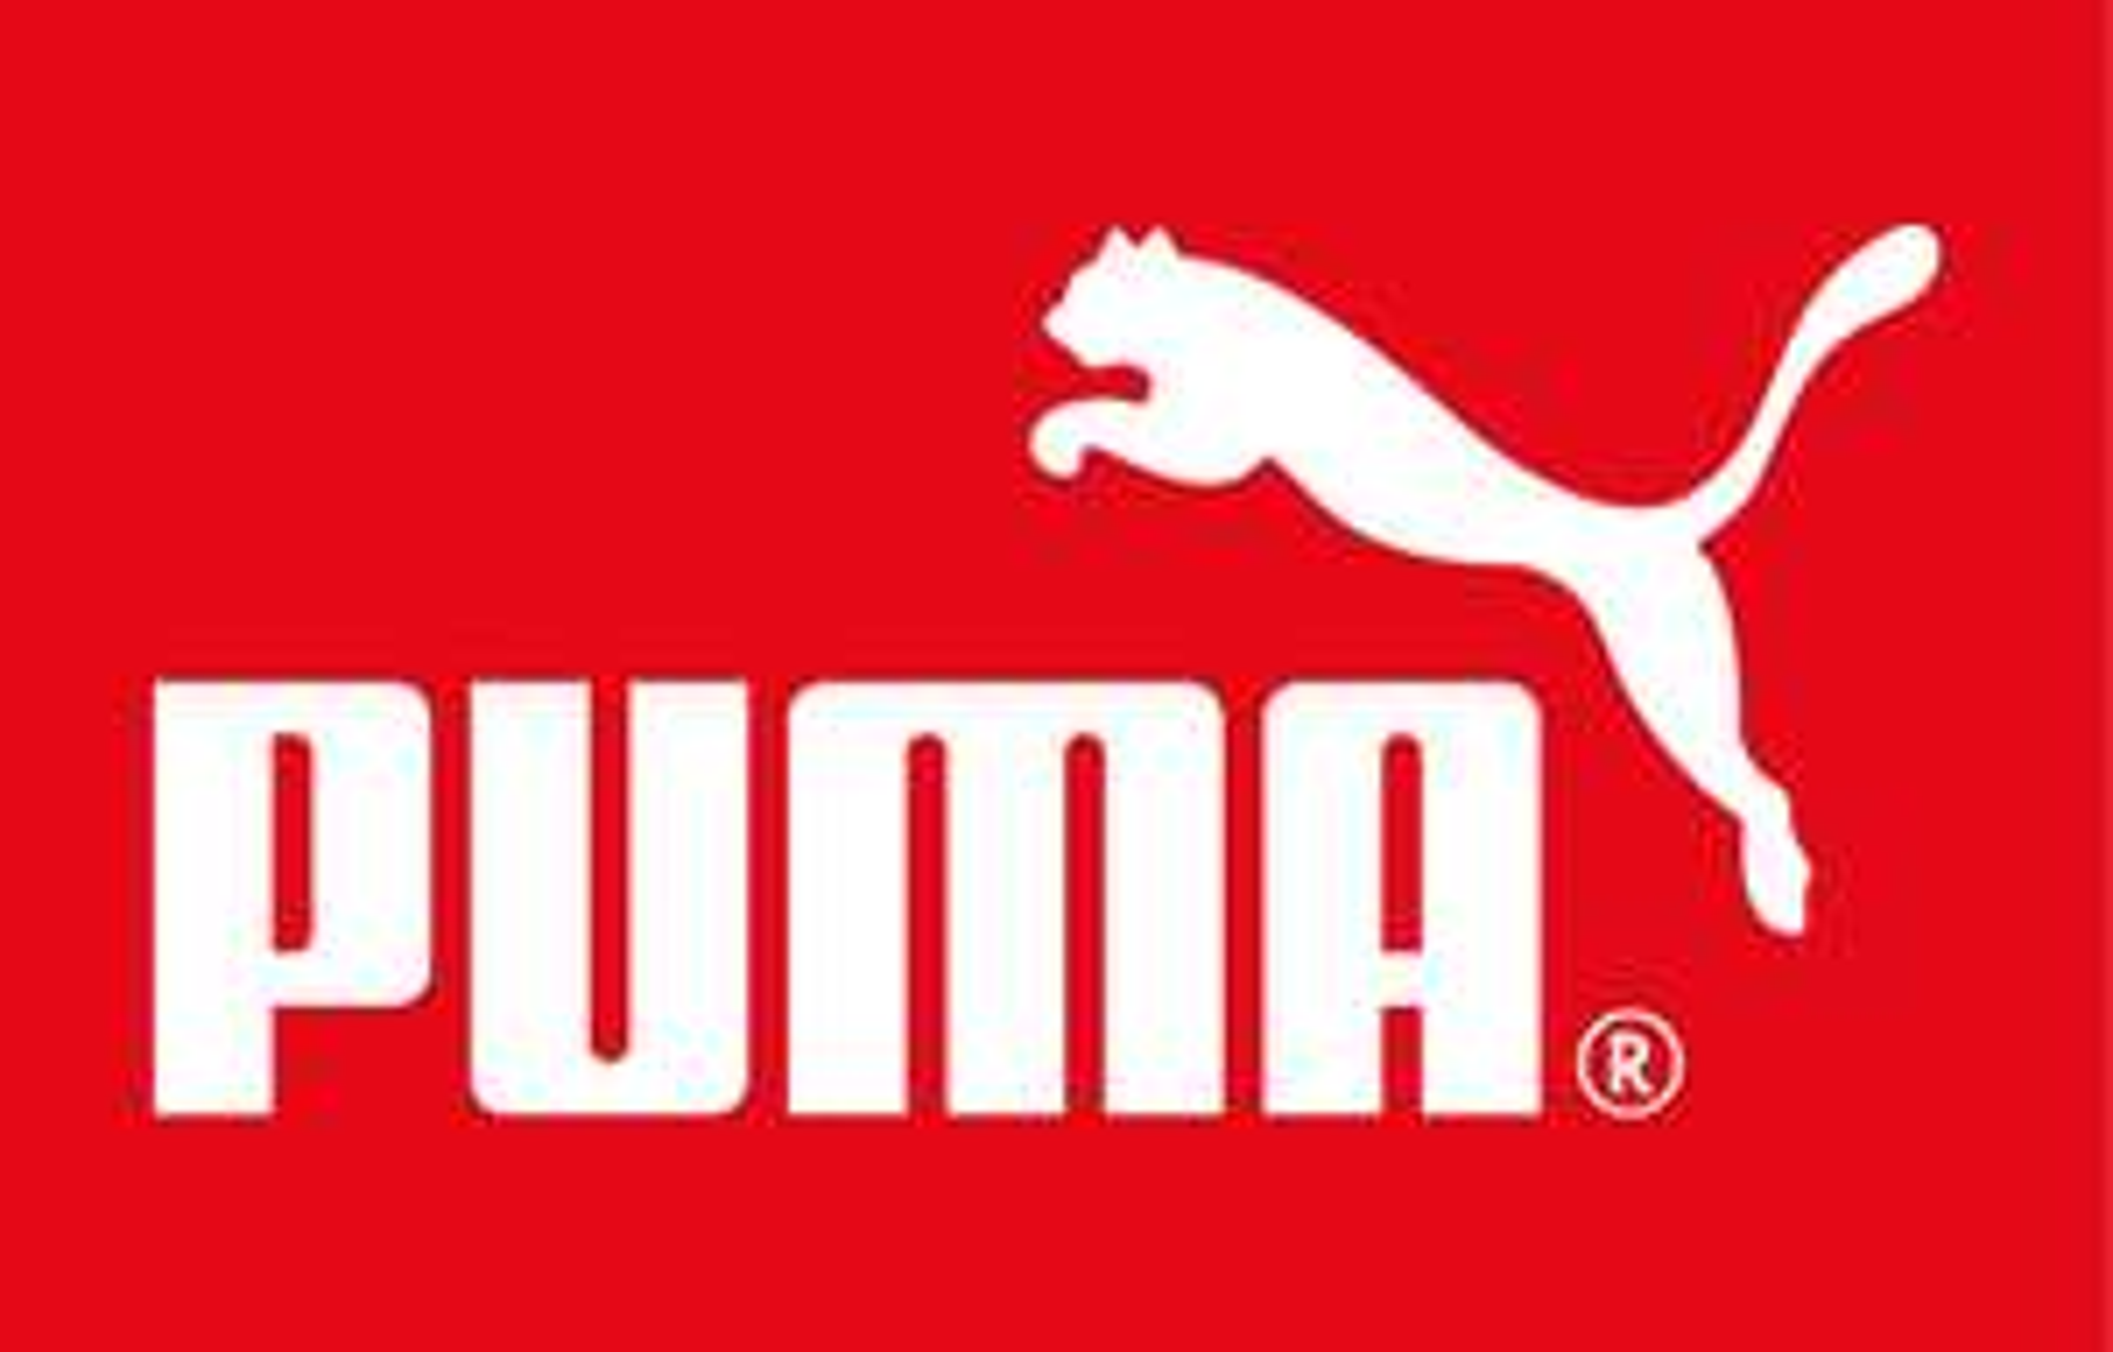 Offres exclusives Puma - 10 offres du 2 au 12/12 : -30% sur des catégories sélectionnées